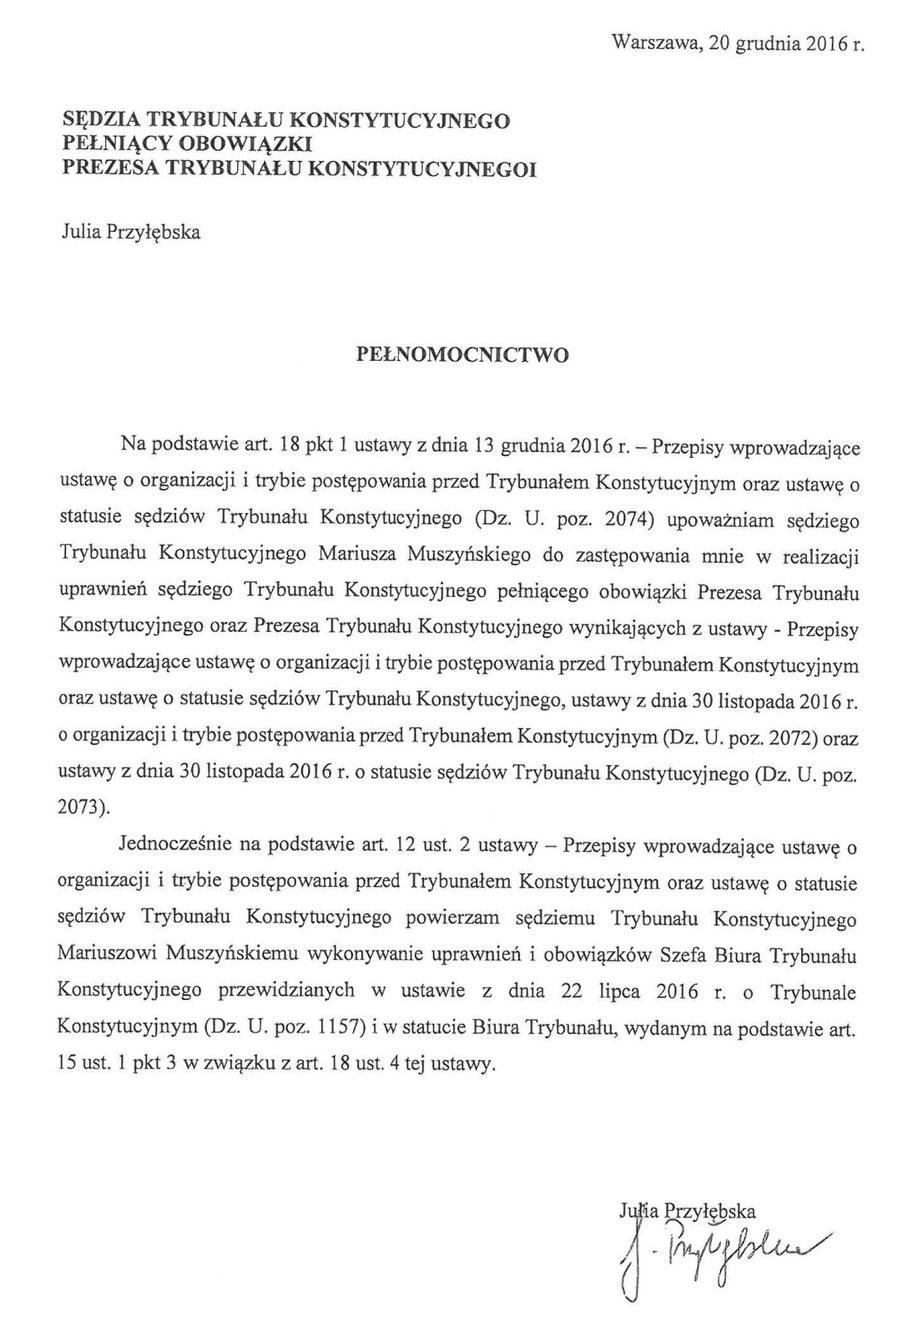 20 grudnia sędzia Julia Przyłębska upoważniła Mariusza Muszyńskiego do zastępowania jej w roli prezesa TK /Zrzut ekranu